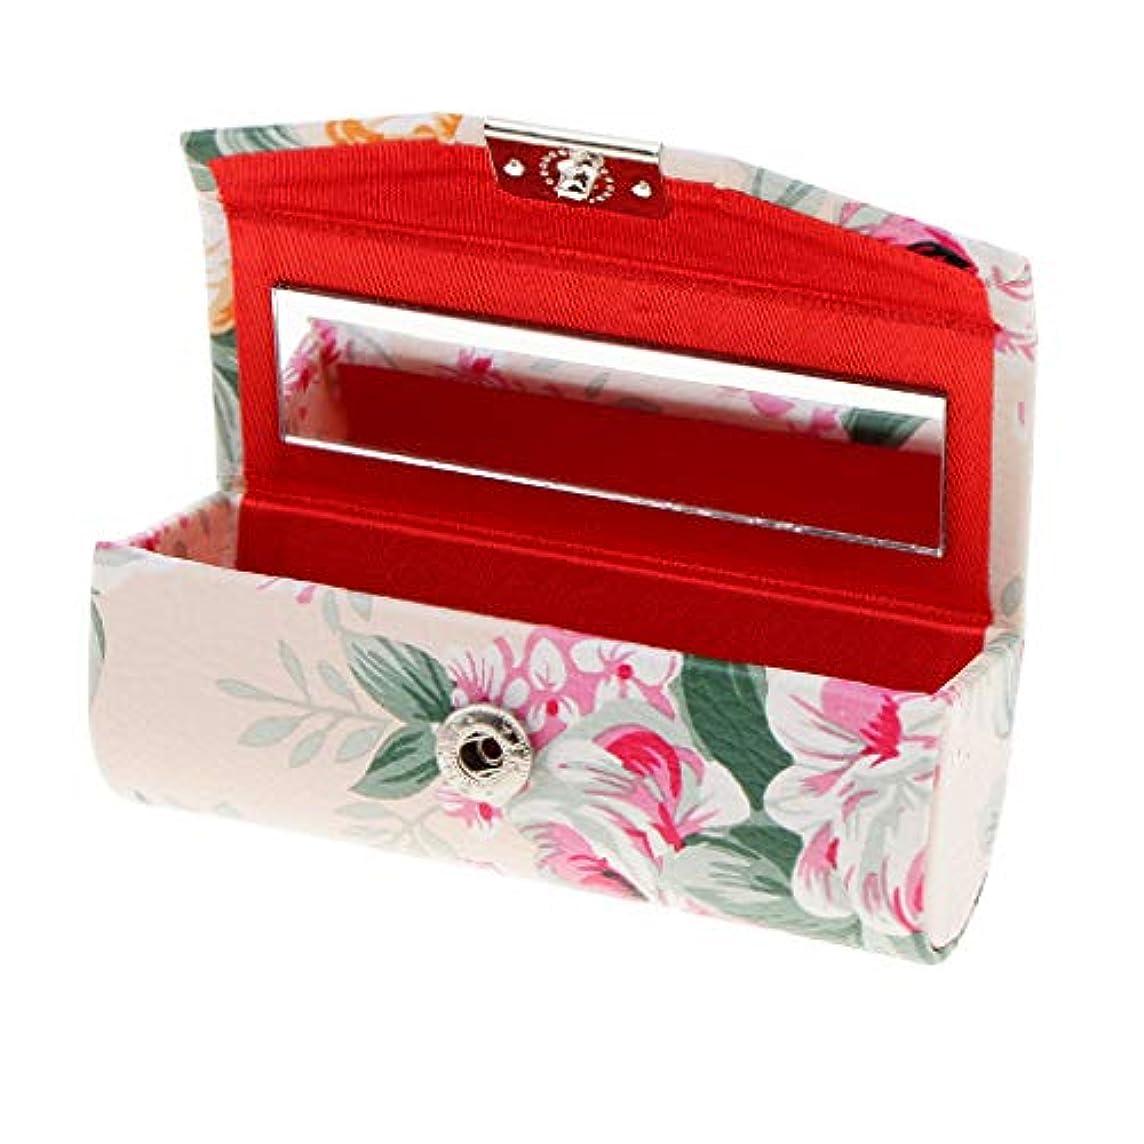 ピクニックをするわずらわしい貸し手KESOTO リップスティックケース ミラー付き 革製 宝石 メイクアップ 口紅 メイクアップ 収納ホルダー  5色選べ - ベージュ